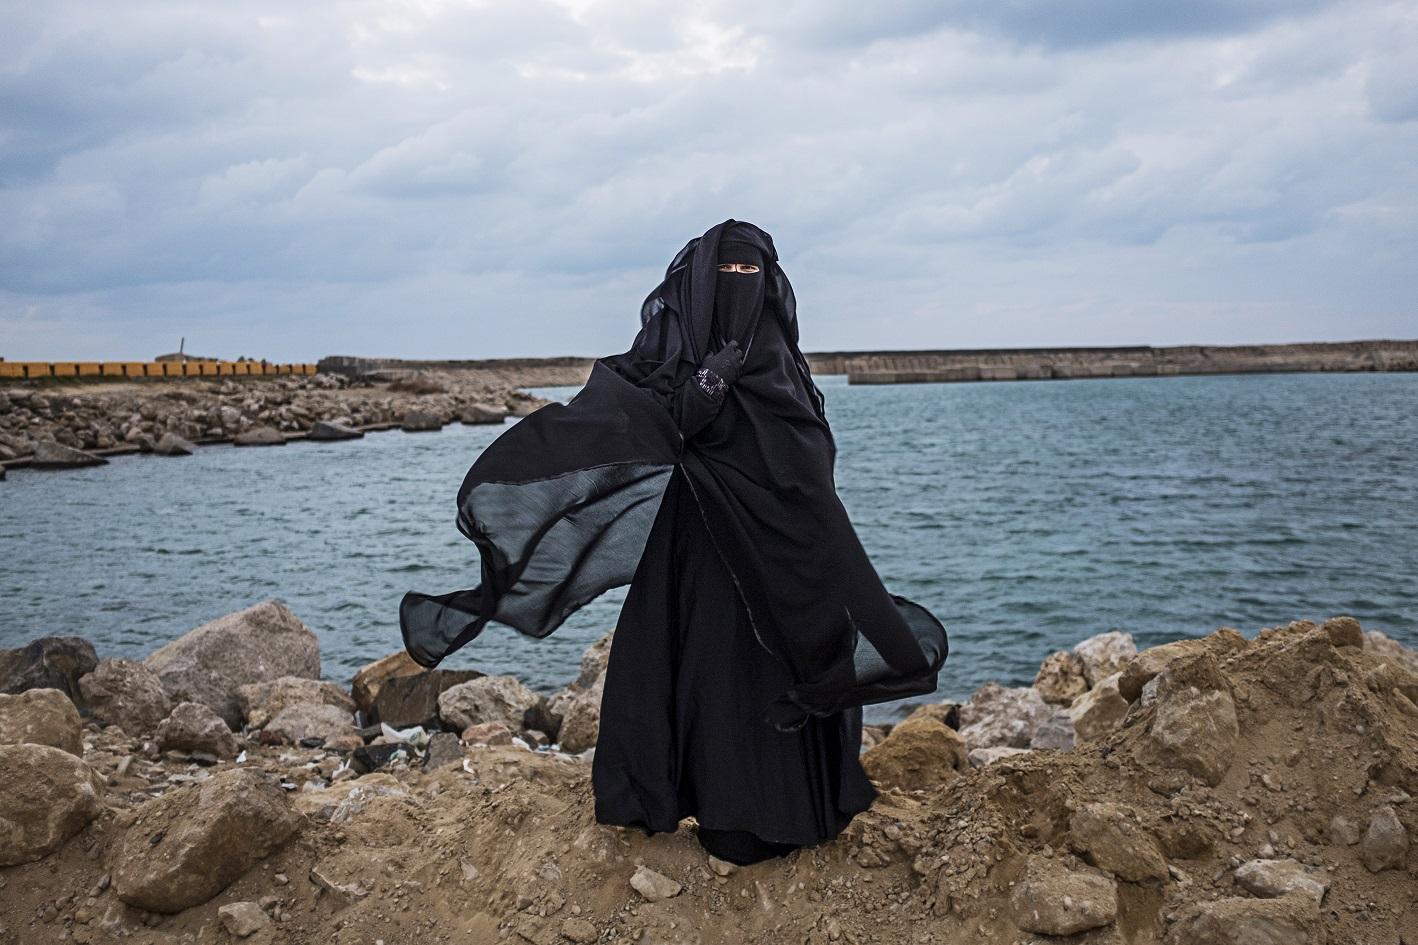 Photo issue de la série Transit bodies de Heba Khamis (avec l'aimable autorisation de l'auteure)